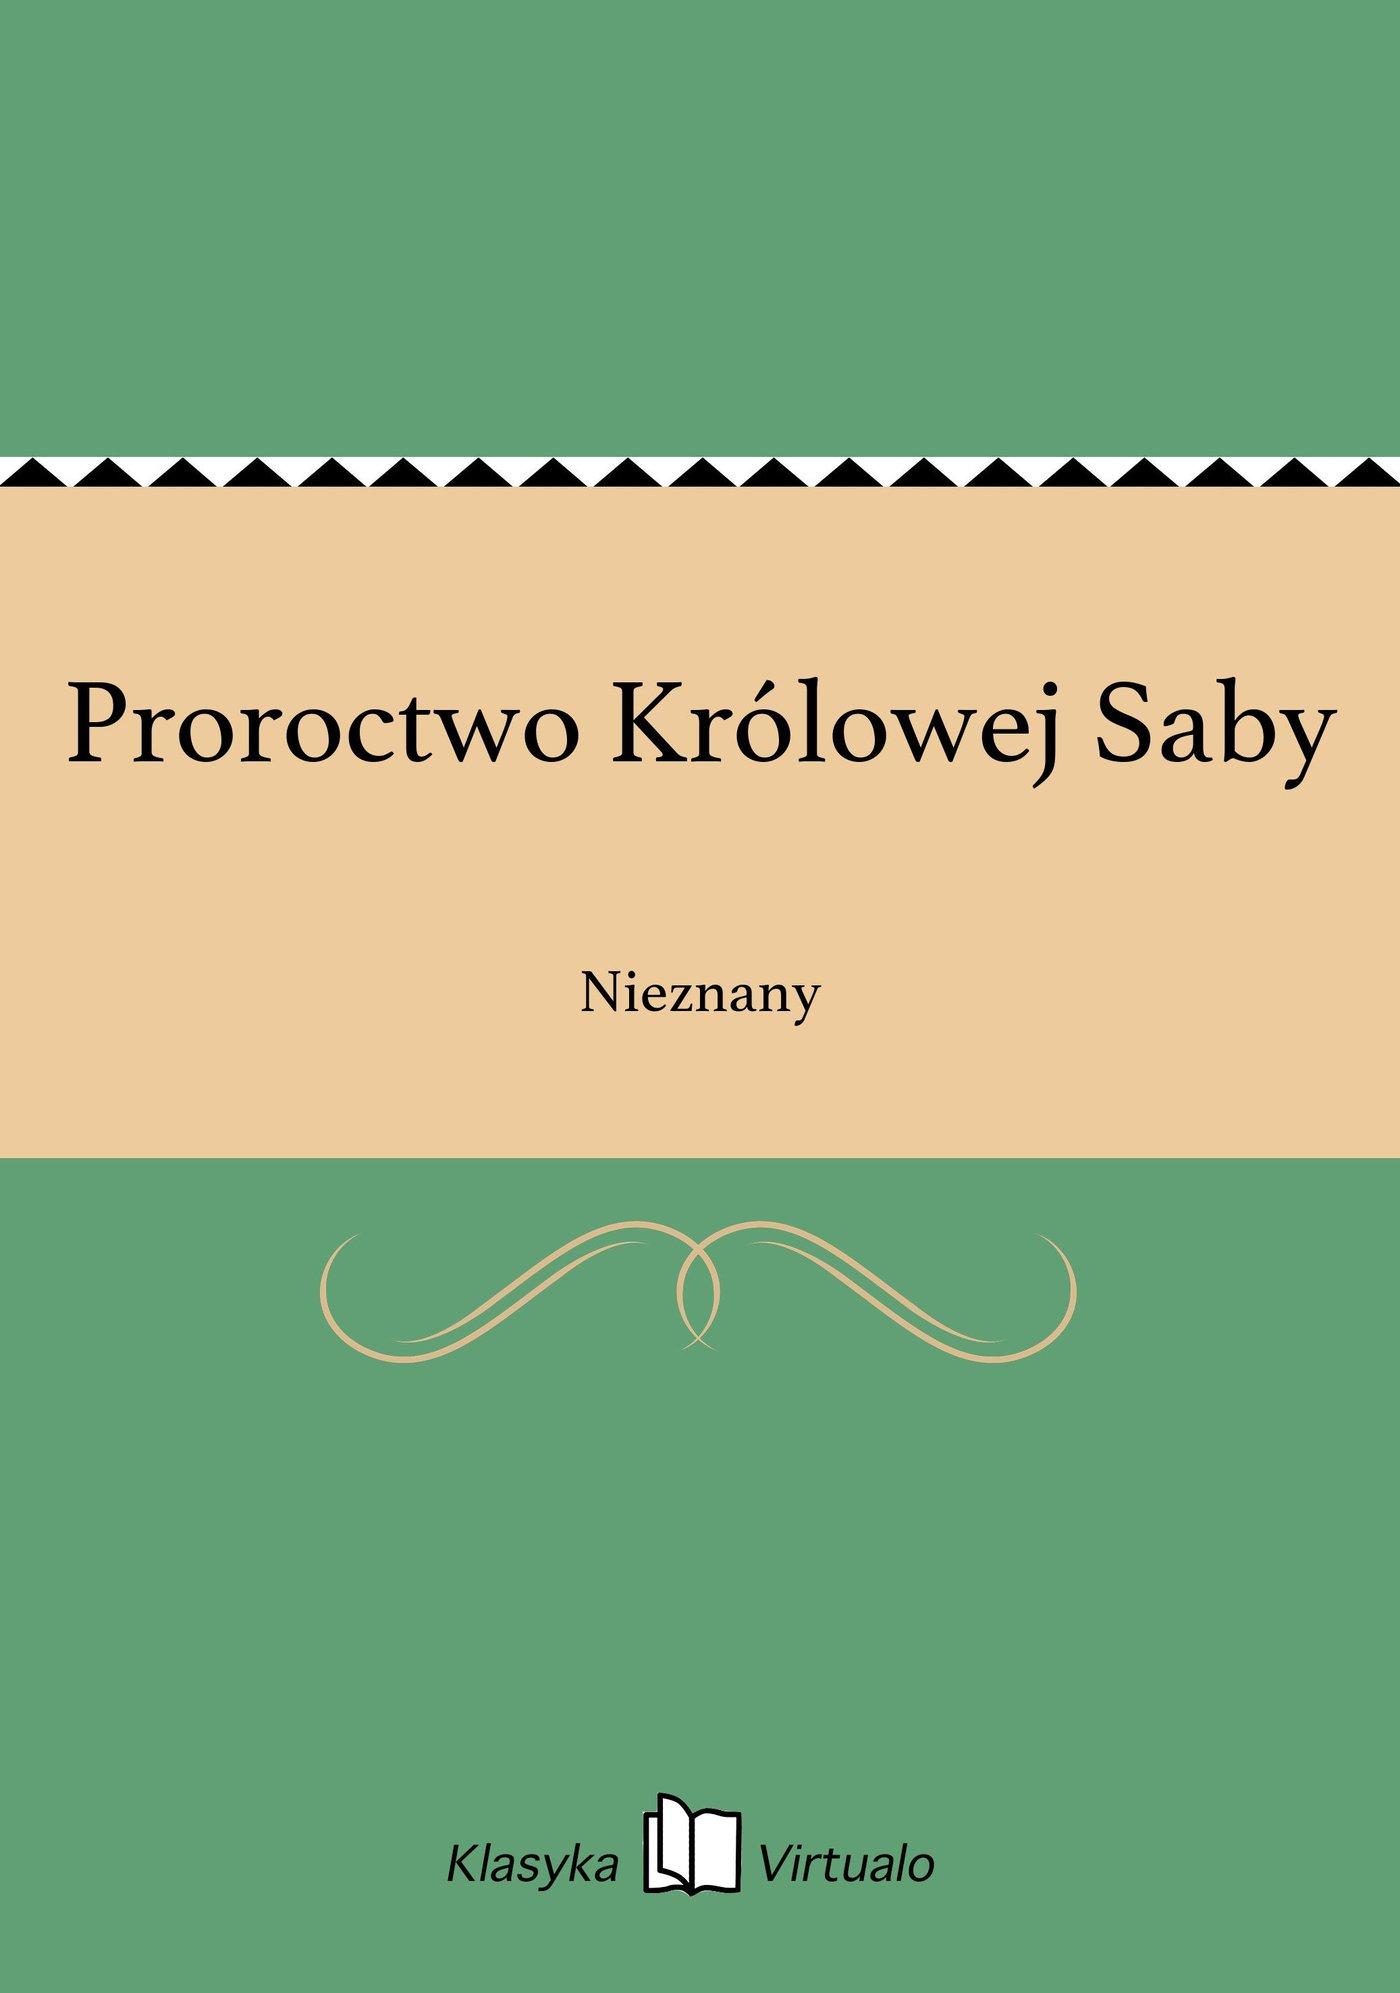 Proroctwo Królowej Saby - Ebook (Książka EPUB) do pobrania w formacie EPUB